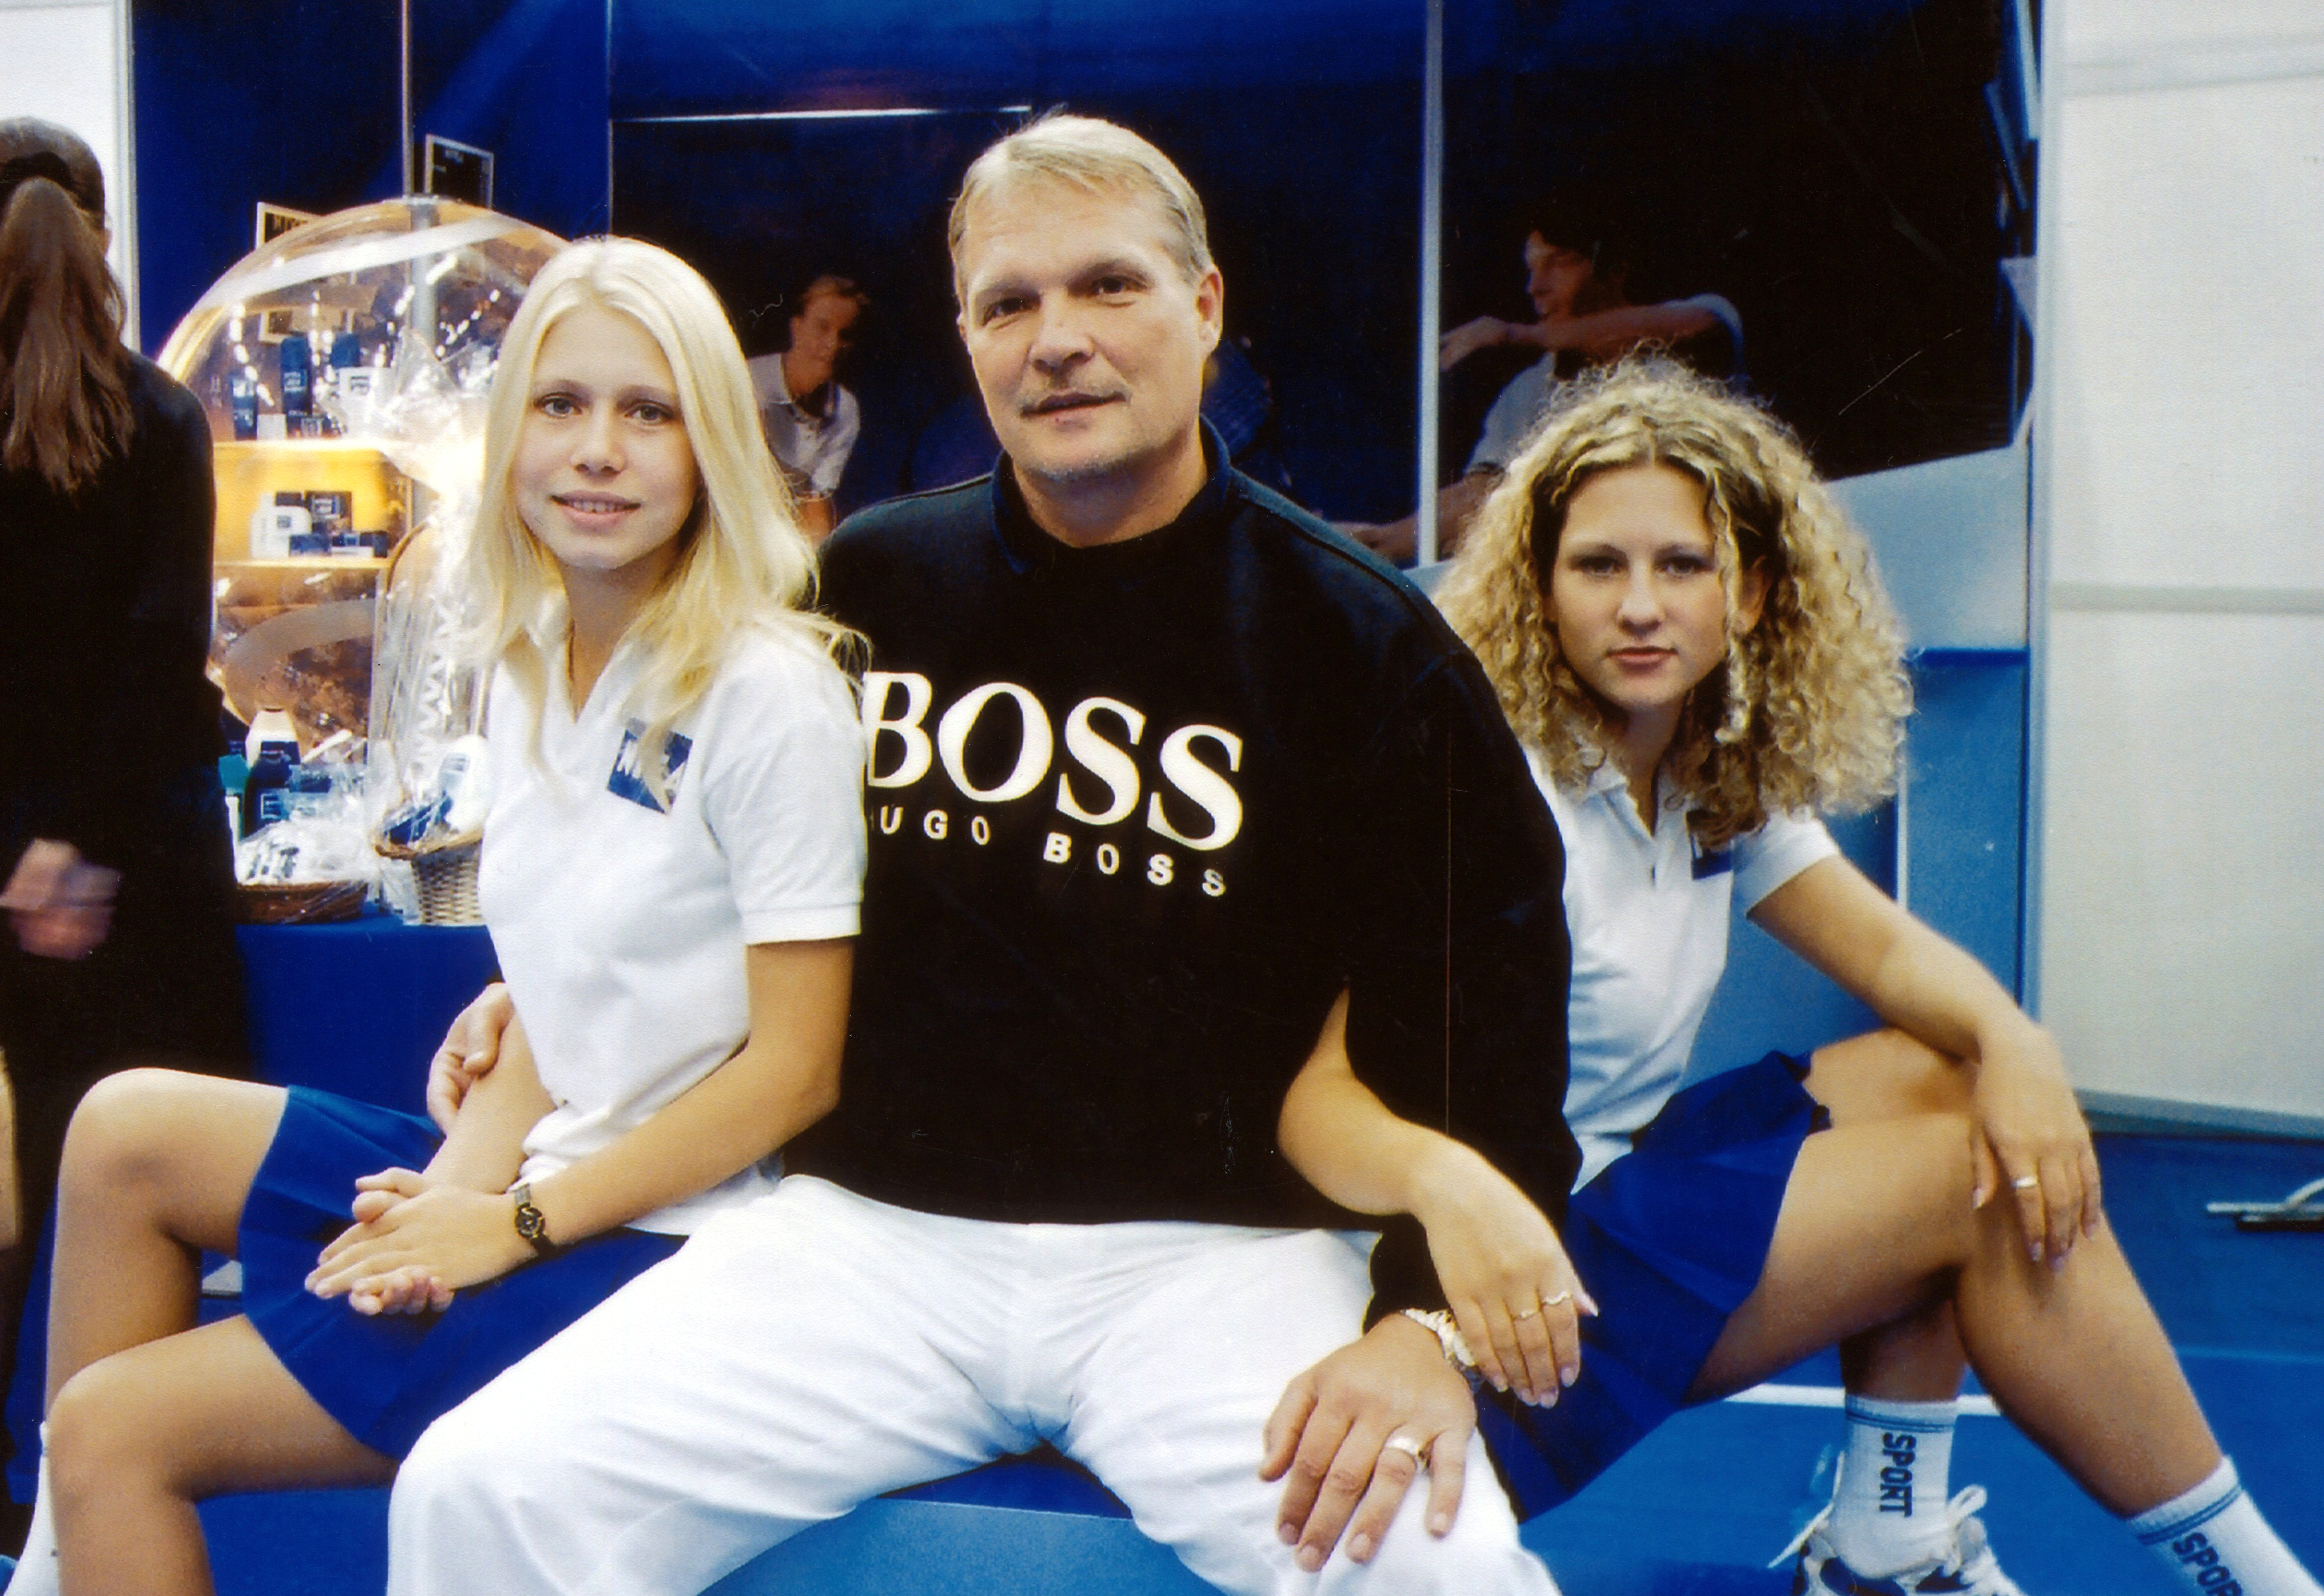 Минкевич Анатолий Адамович (Россия) Международный теннисный турнир Кубок Кремля 2001